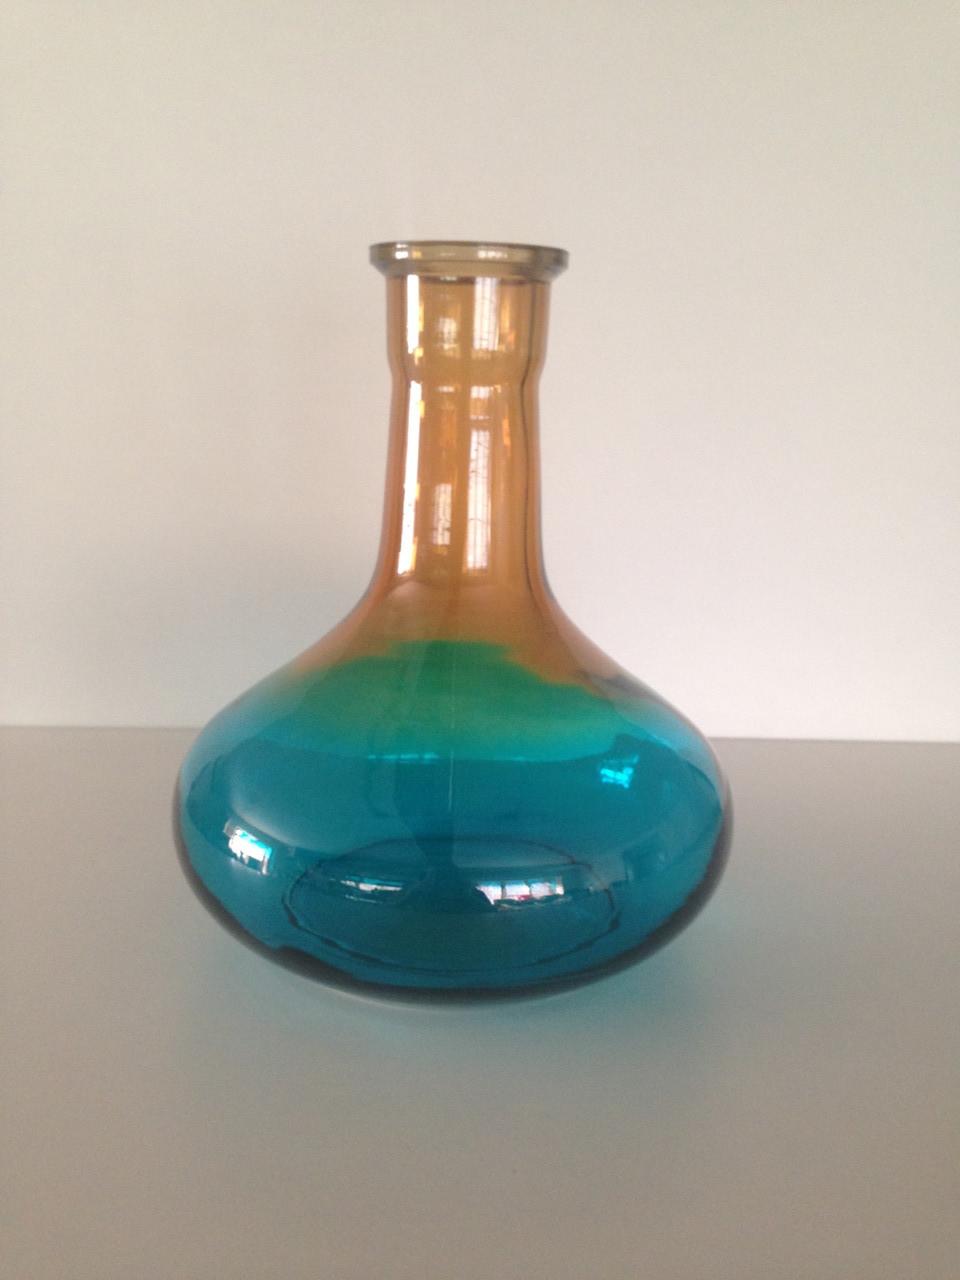 Колба для кальяна HookahTree голубая/ оранжевая